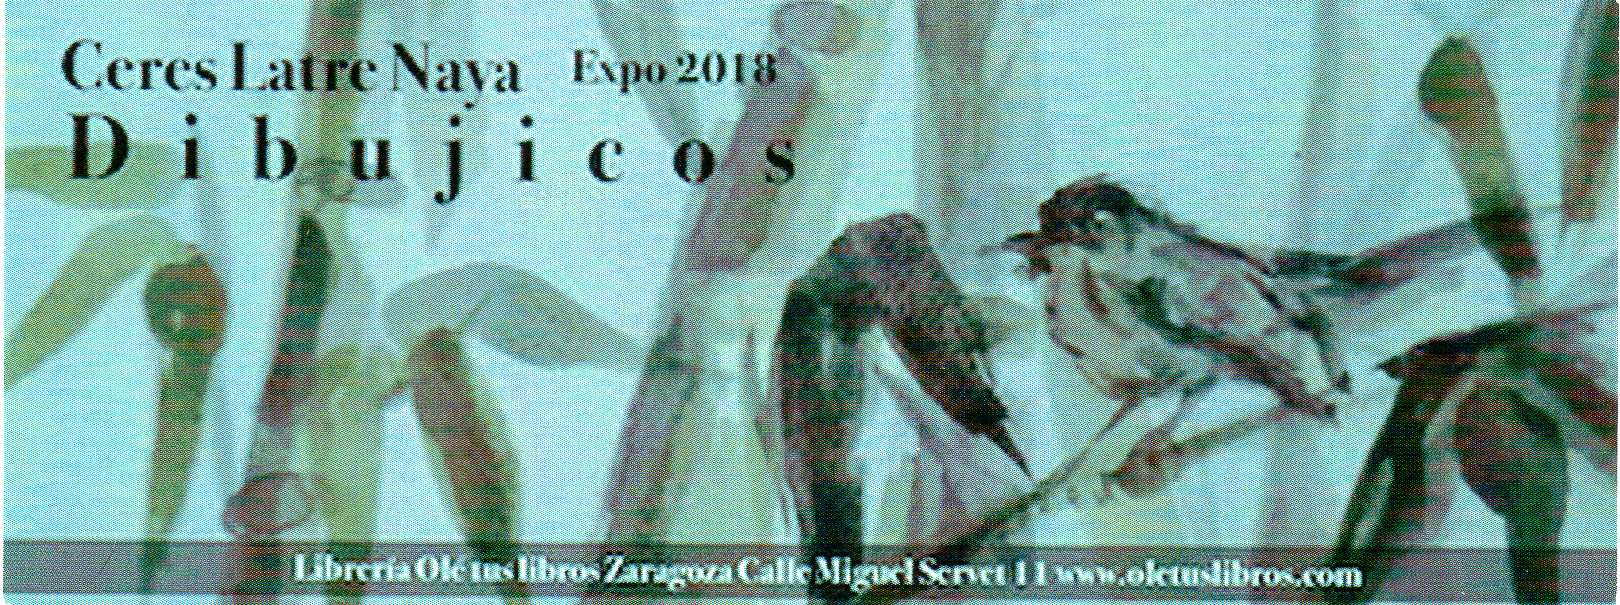 EXPOSICION DIBUJICOS DE CERES LATRE NAYA